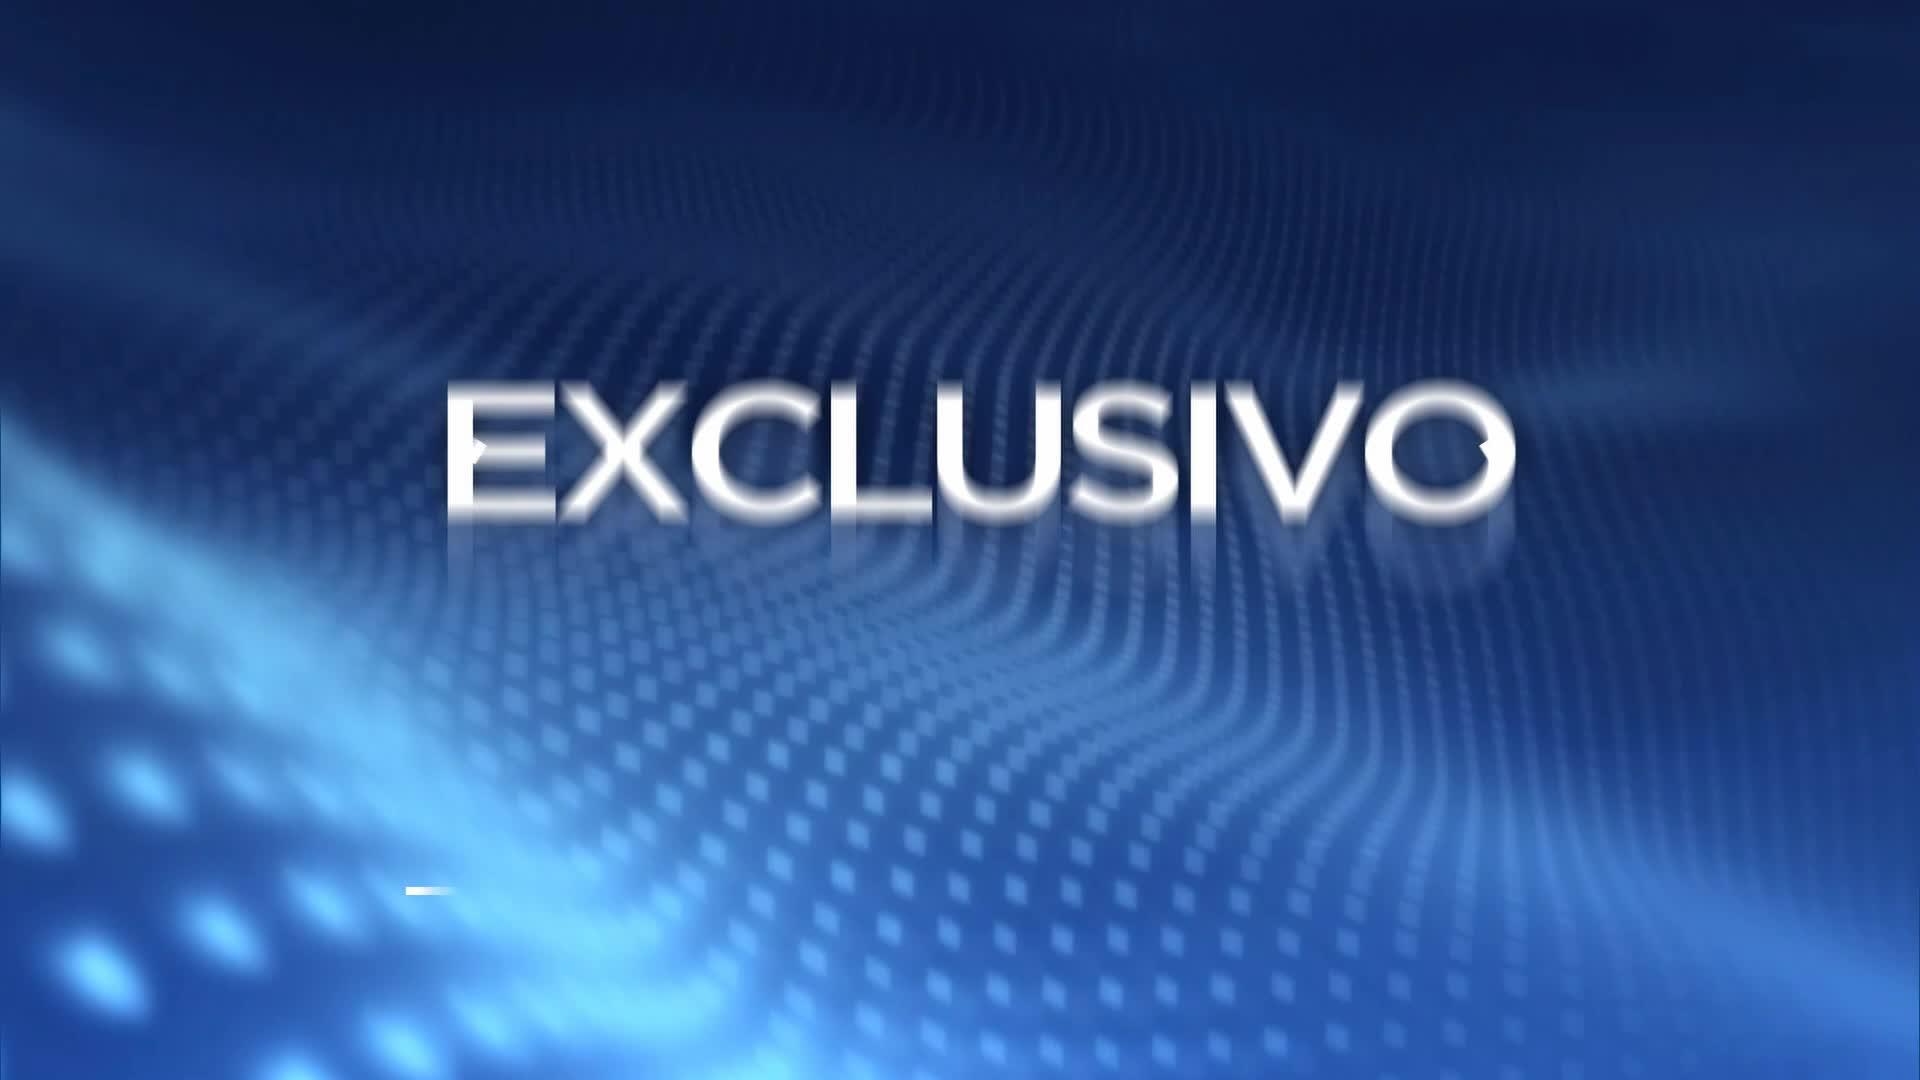 Exclusivo! Jornalista que acusa Biel de assédio faz revelação ...